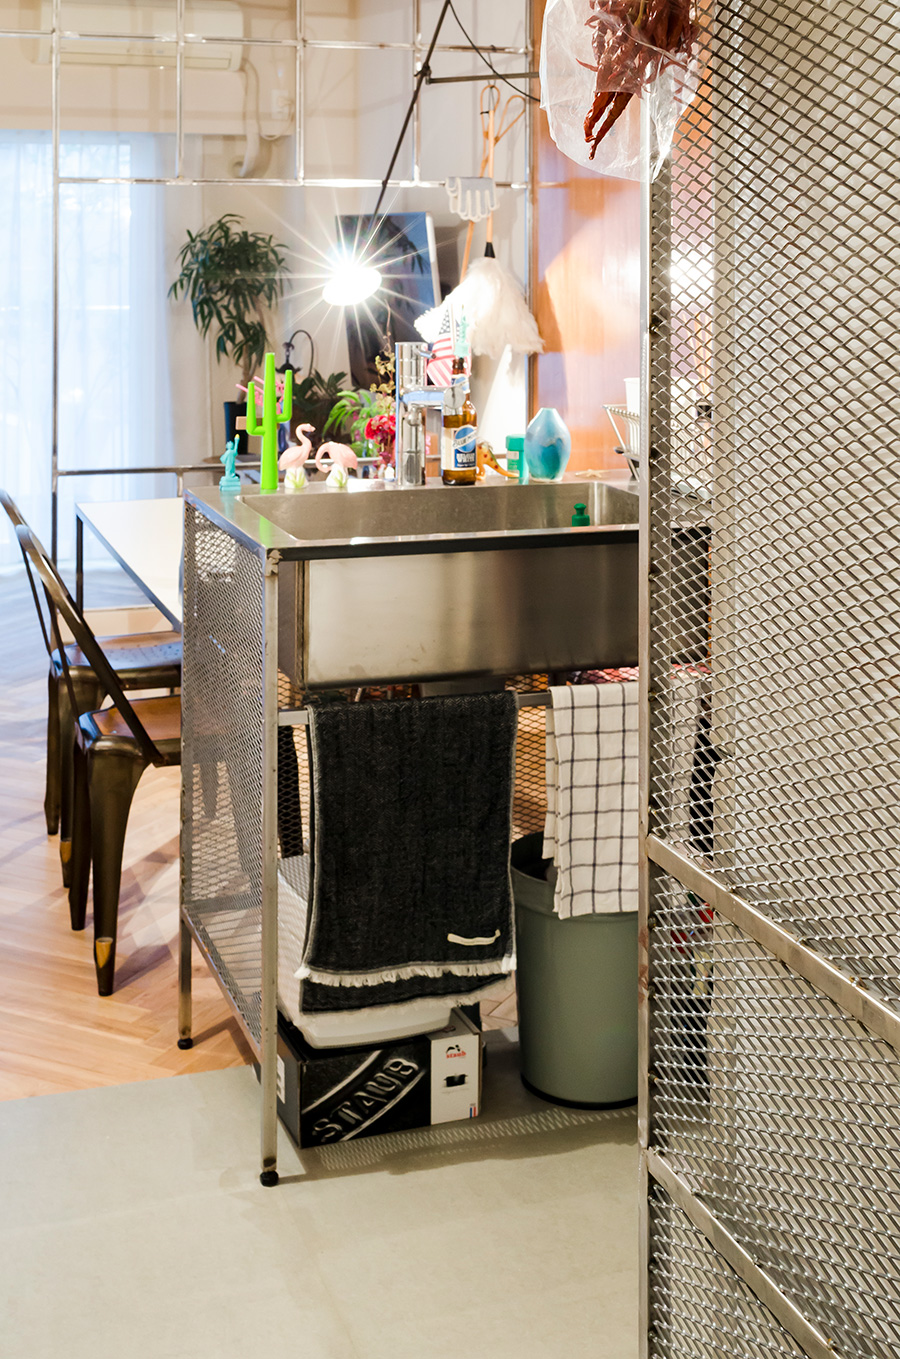 キッチン床はモルタル風のフレキボードで費用を抑えつつ風合いをプラス。